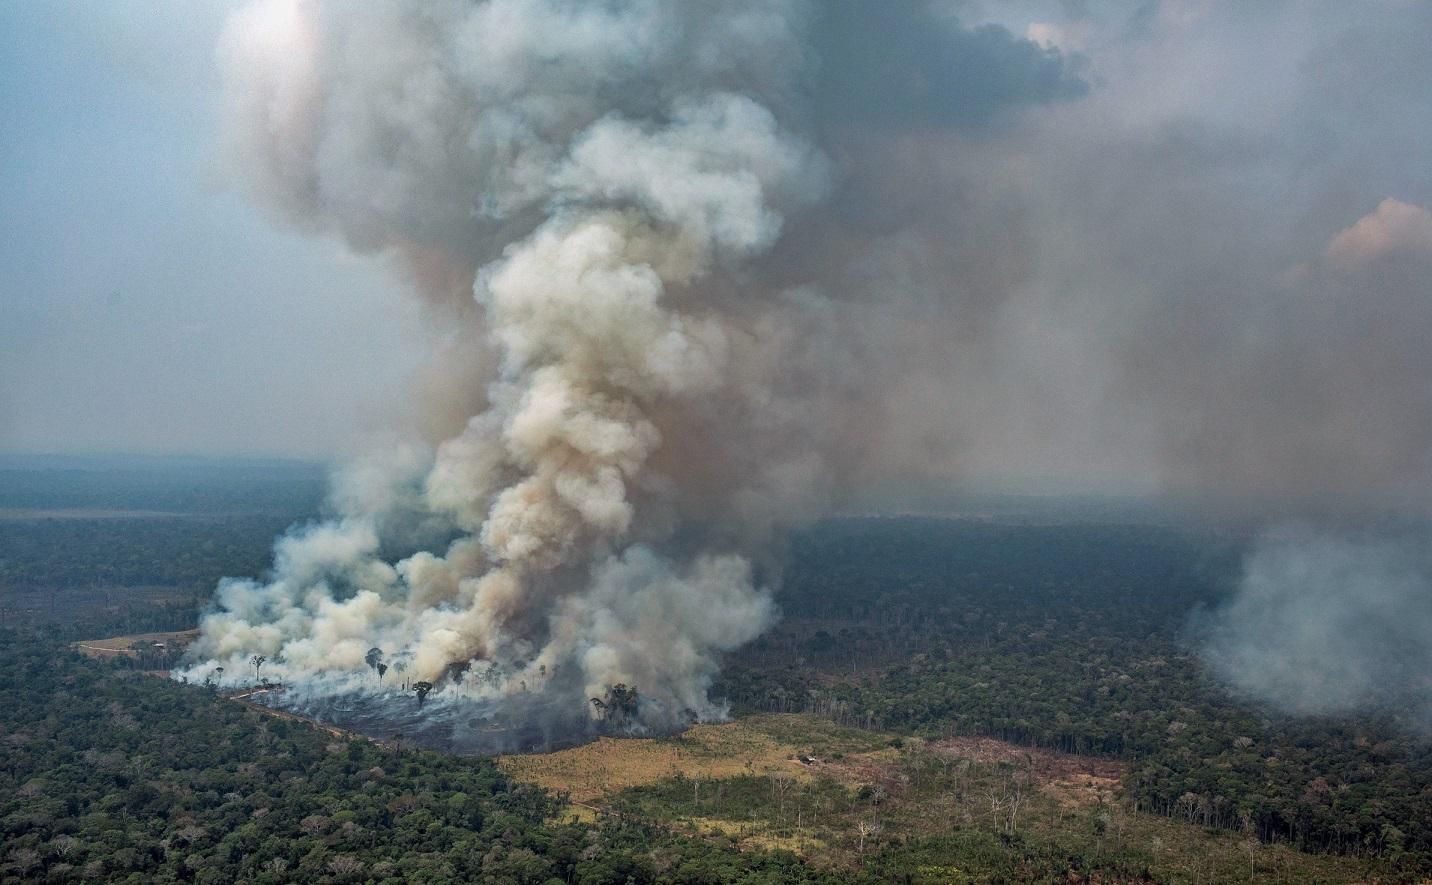 Incêndio na floresta perto do município de Candeias do Jamari, em Rondônia. Feita em 24 de agosto. Foto Victor Moriyama/Greenpeace/AFP